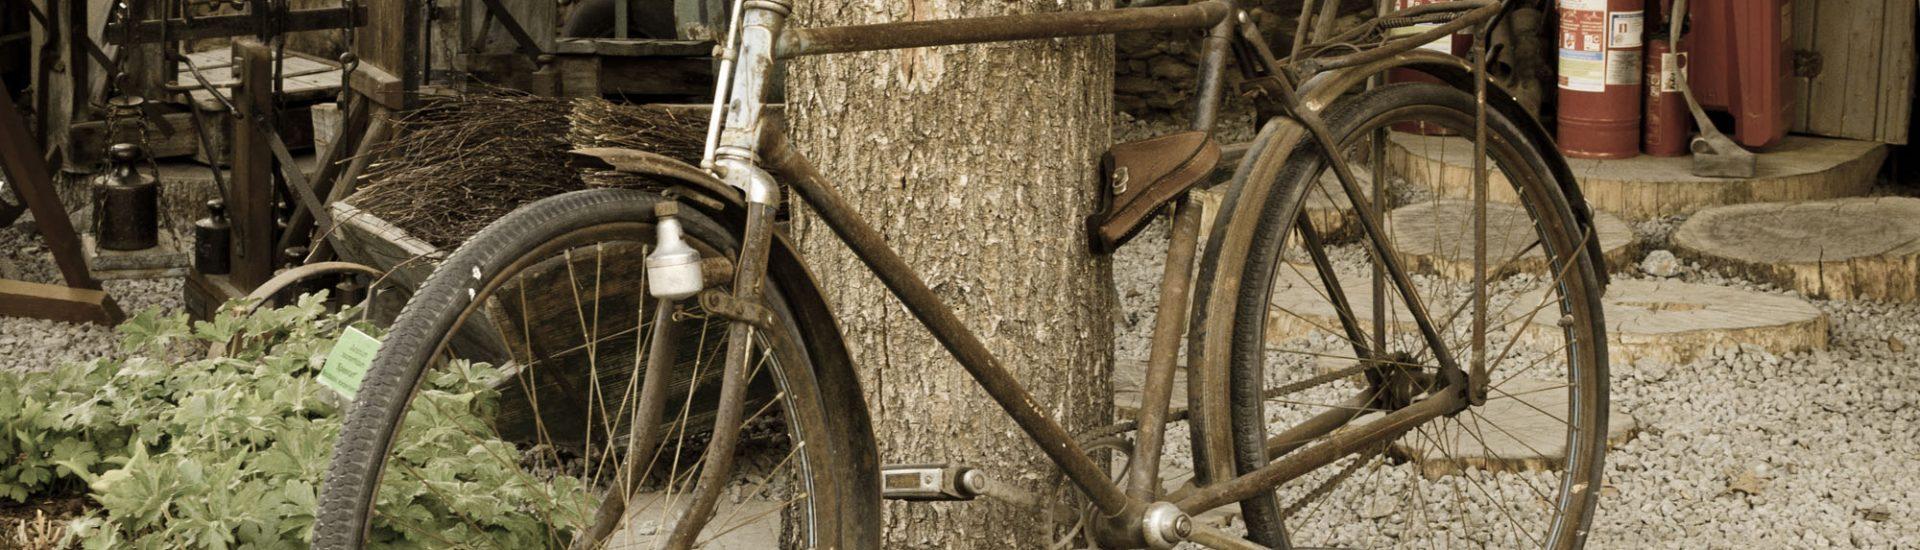 Fahrrad Rost entfernen: Arten von Rost, Vorbeugung & Hausmittel gegen Rost